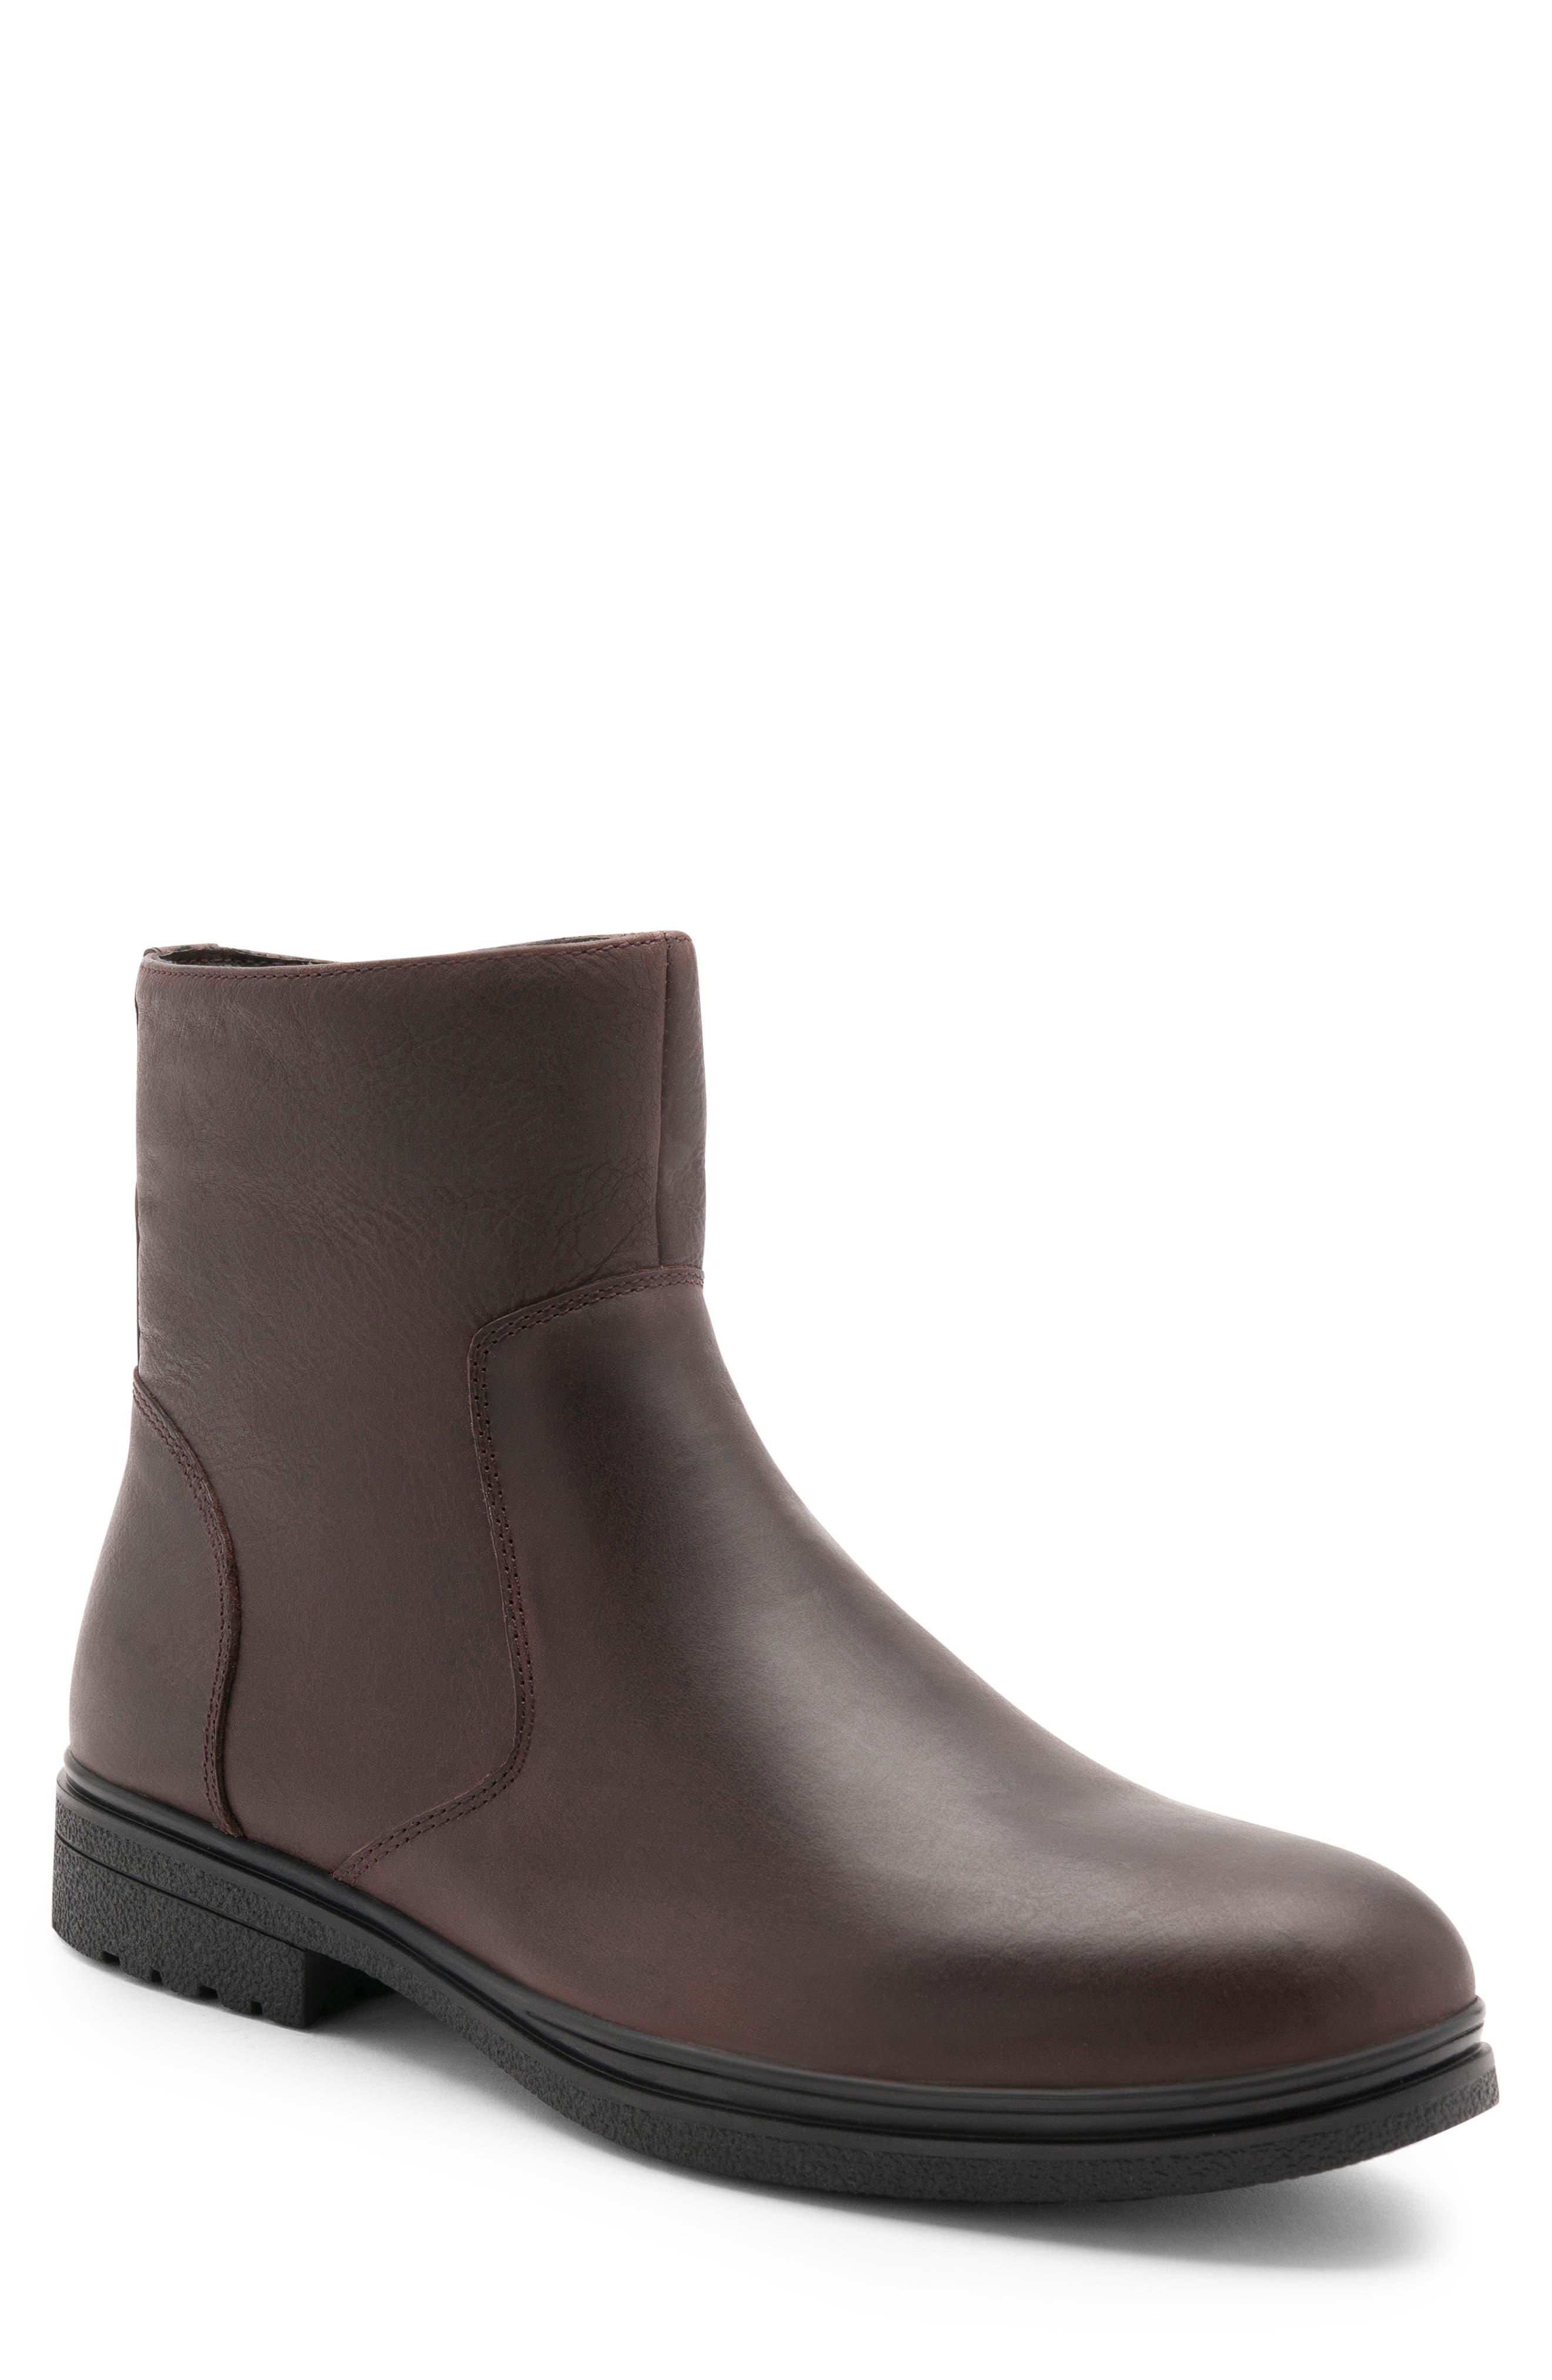 Blondo Sylvio Waterproof Zip Boot- Brown